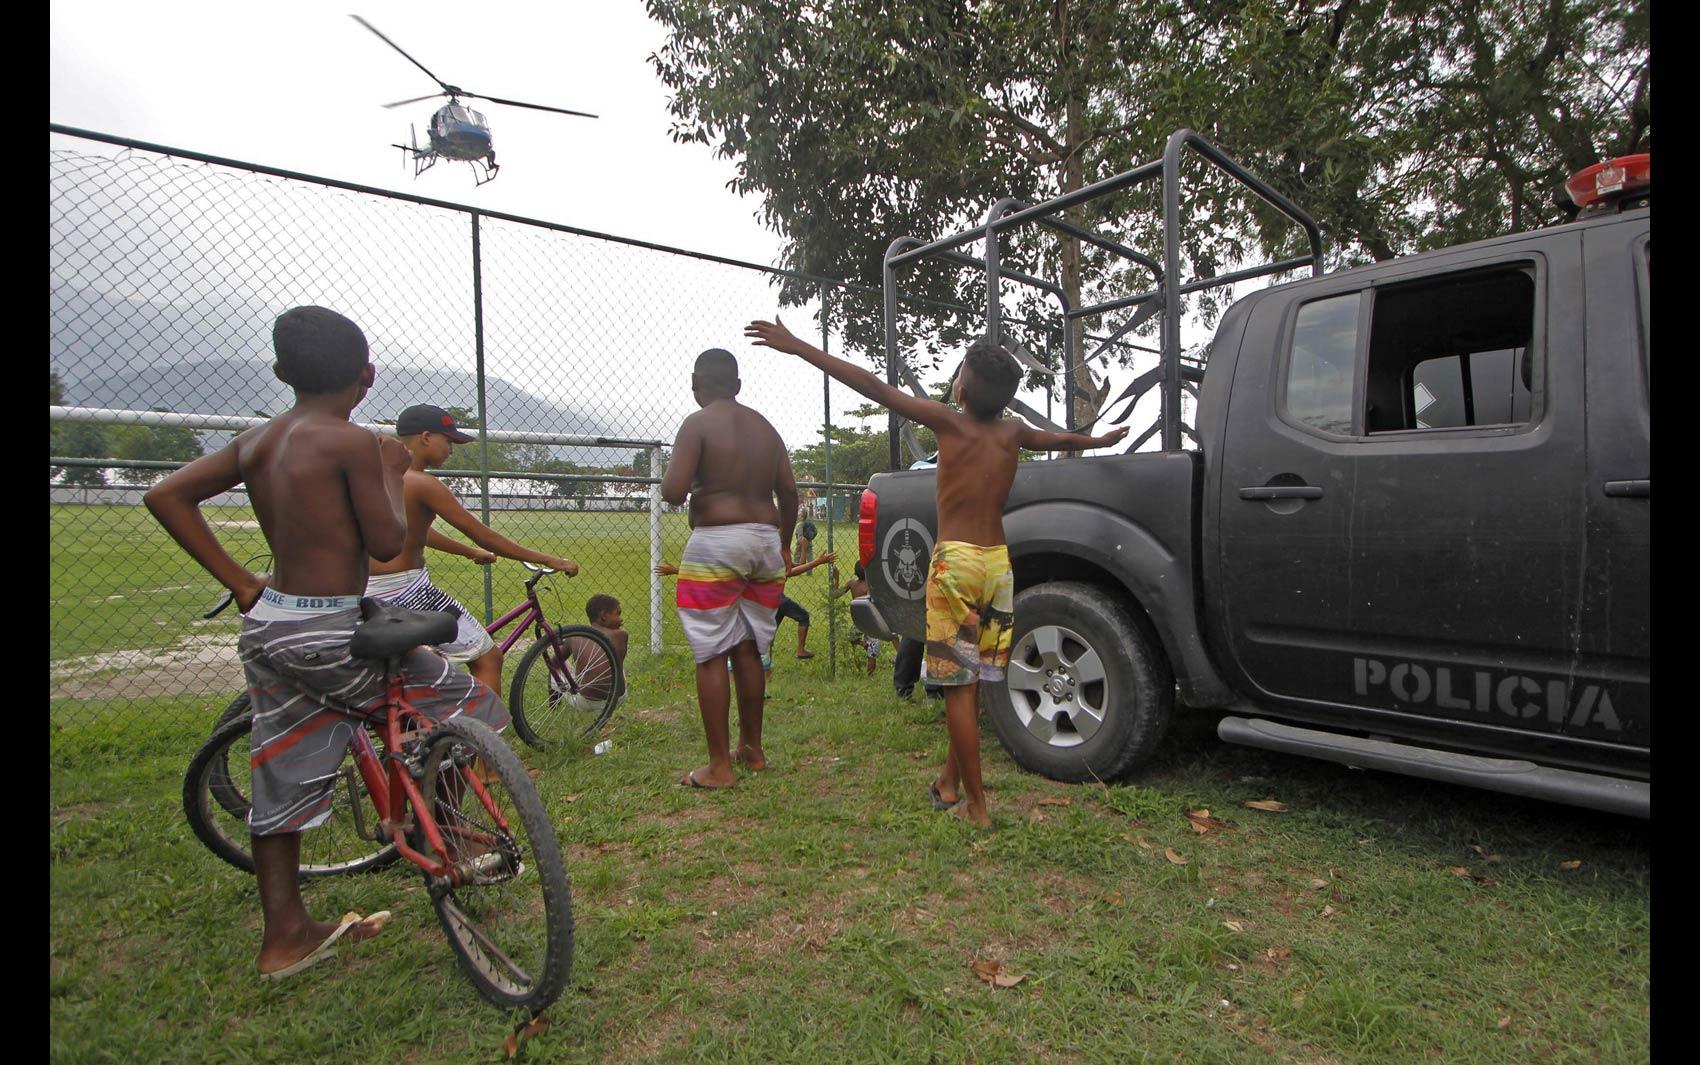 Meninos observam a chegada de um helicóptero da polícia durante ocupação da Vila Kennedy